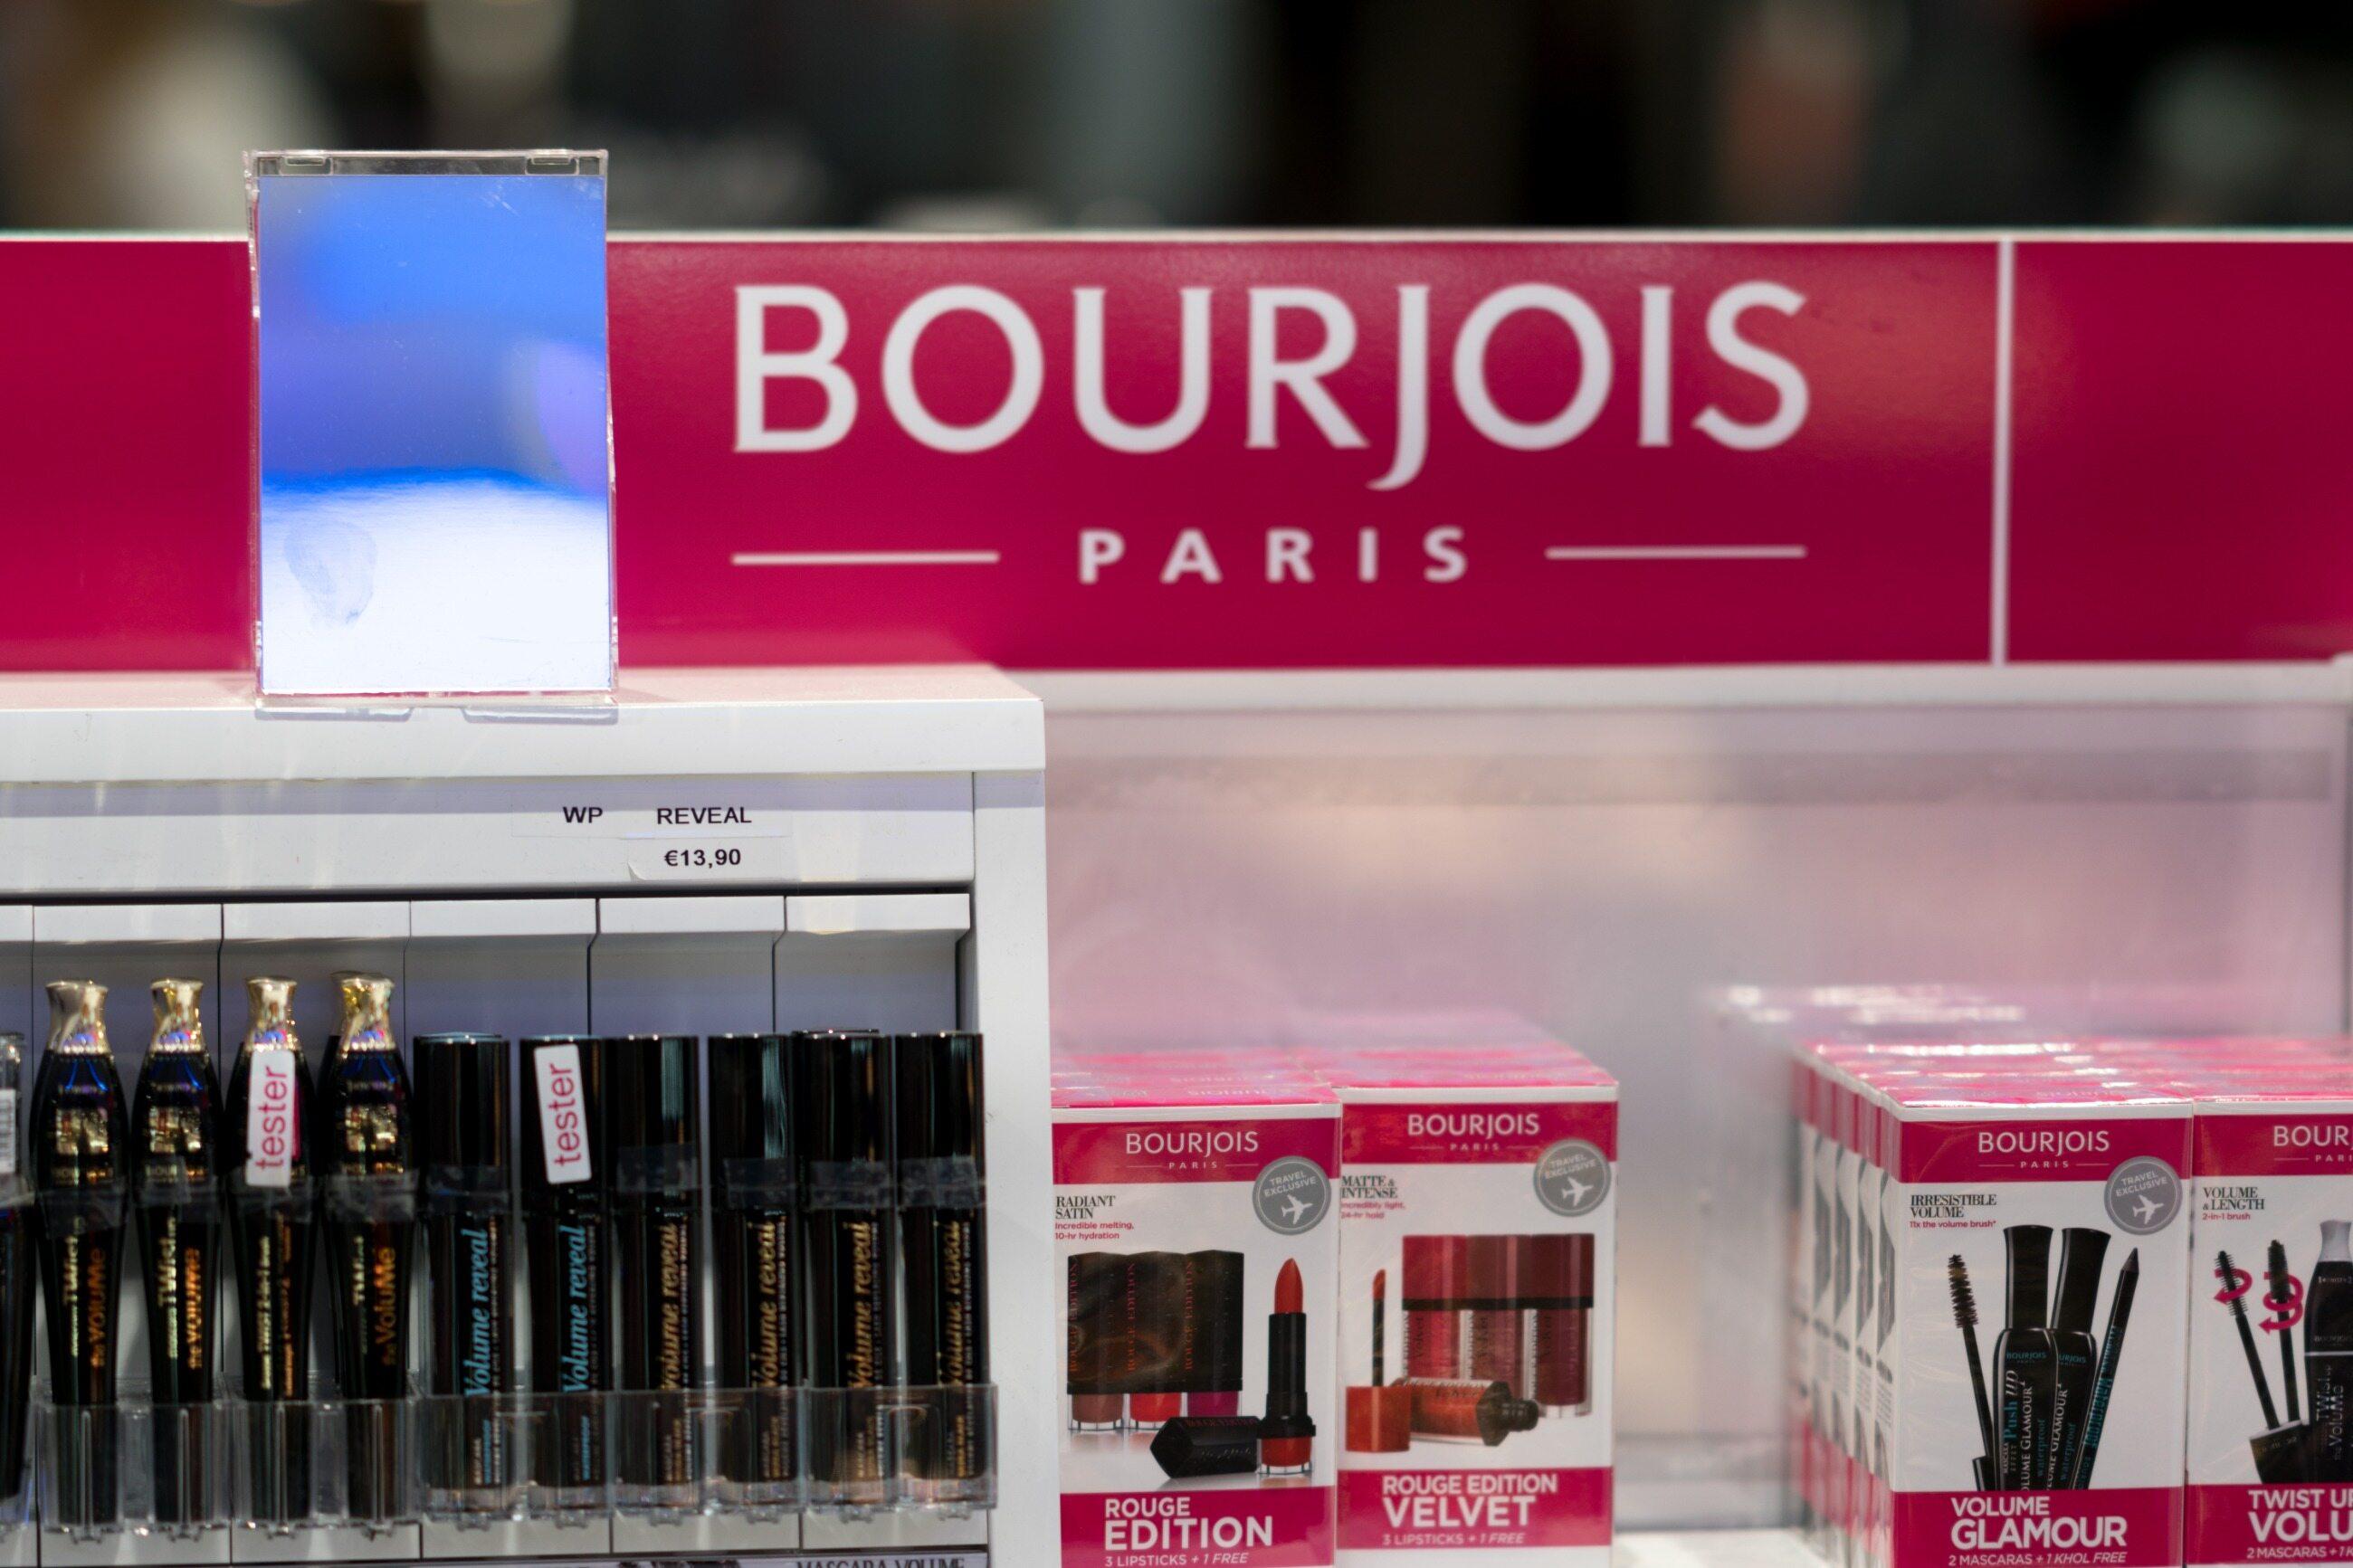 Nazwę kosmetyków uwielbianych nie tylko przez paryżanki wymieniamy jako: